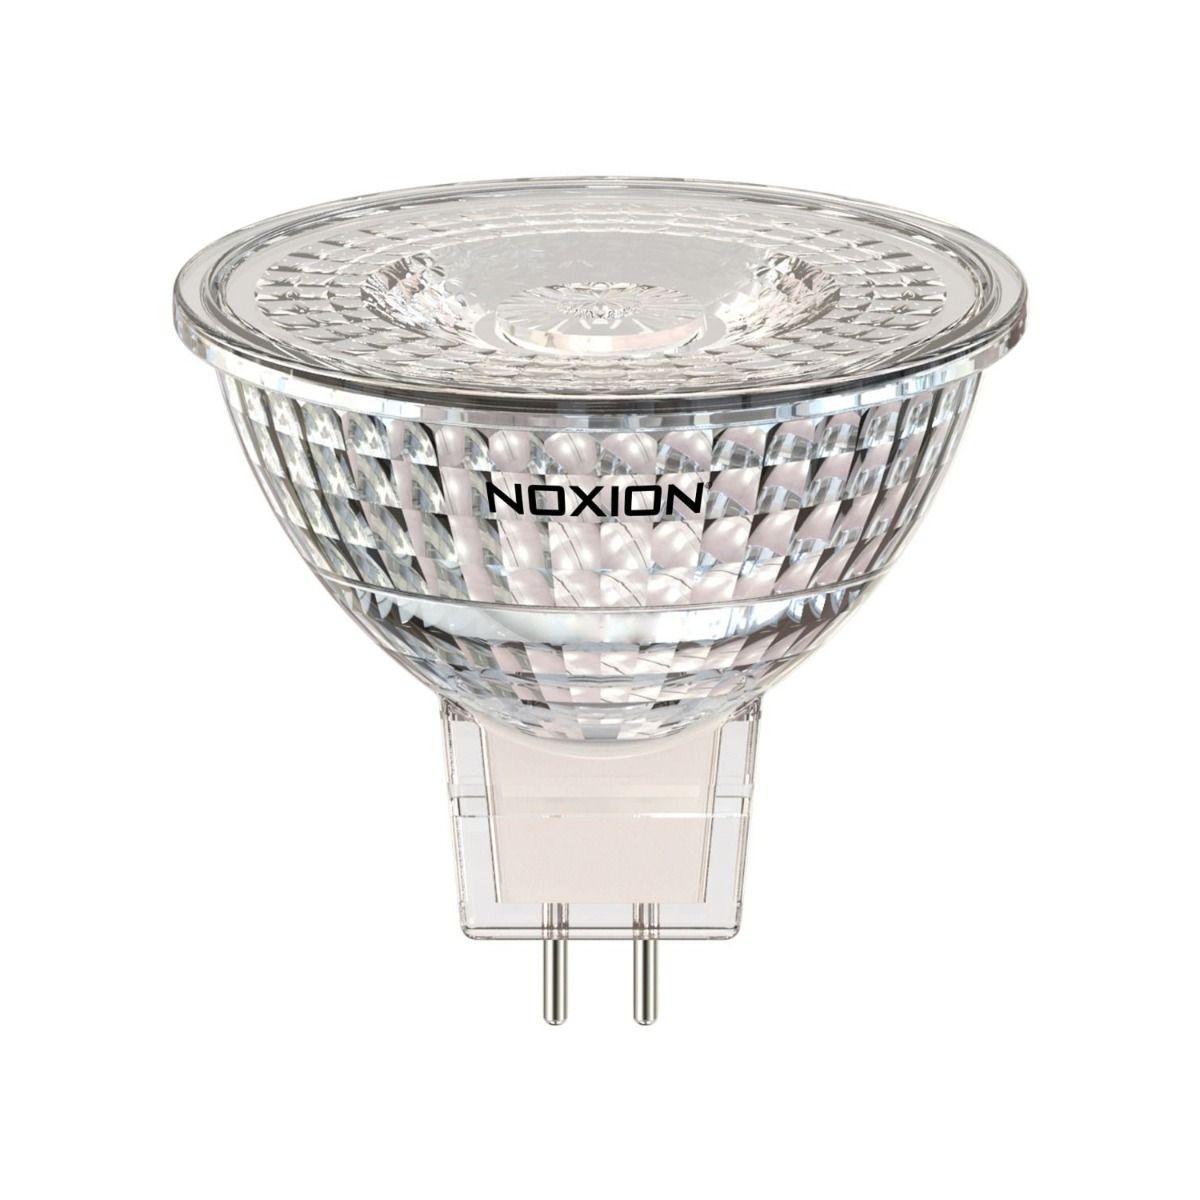 Noxion LED Spot GU5.3 5.3W 827 36D 470lm | Dimbaar - Zeer Warm Wit - Vervangt 35W